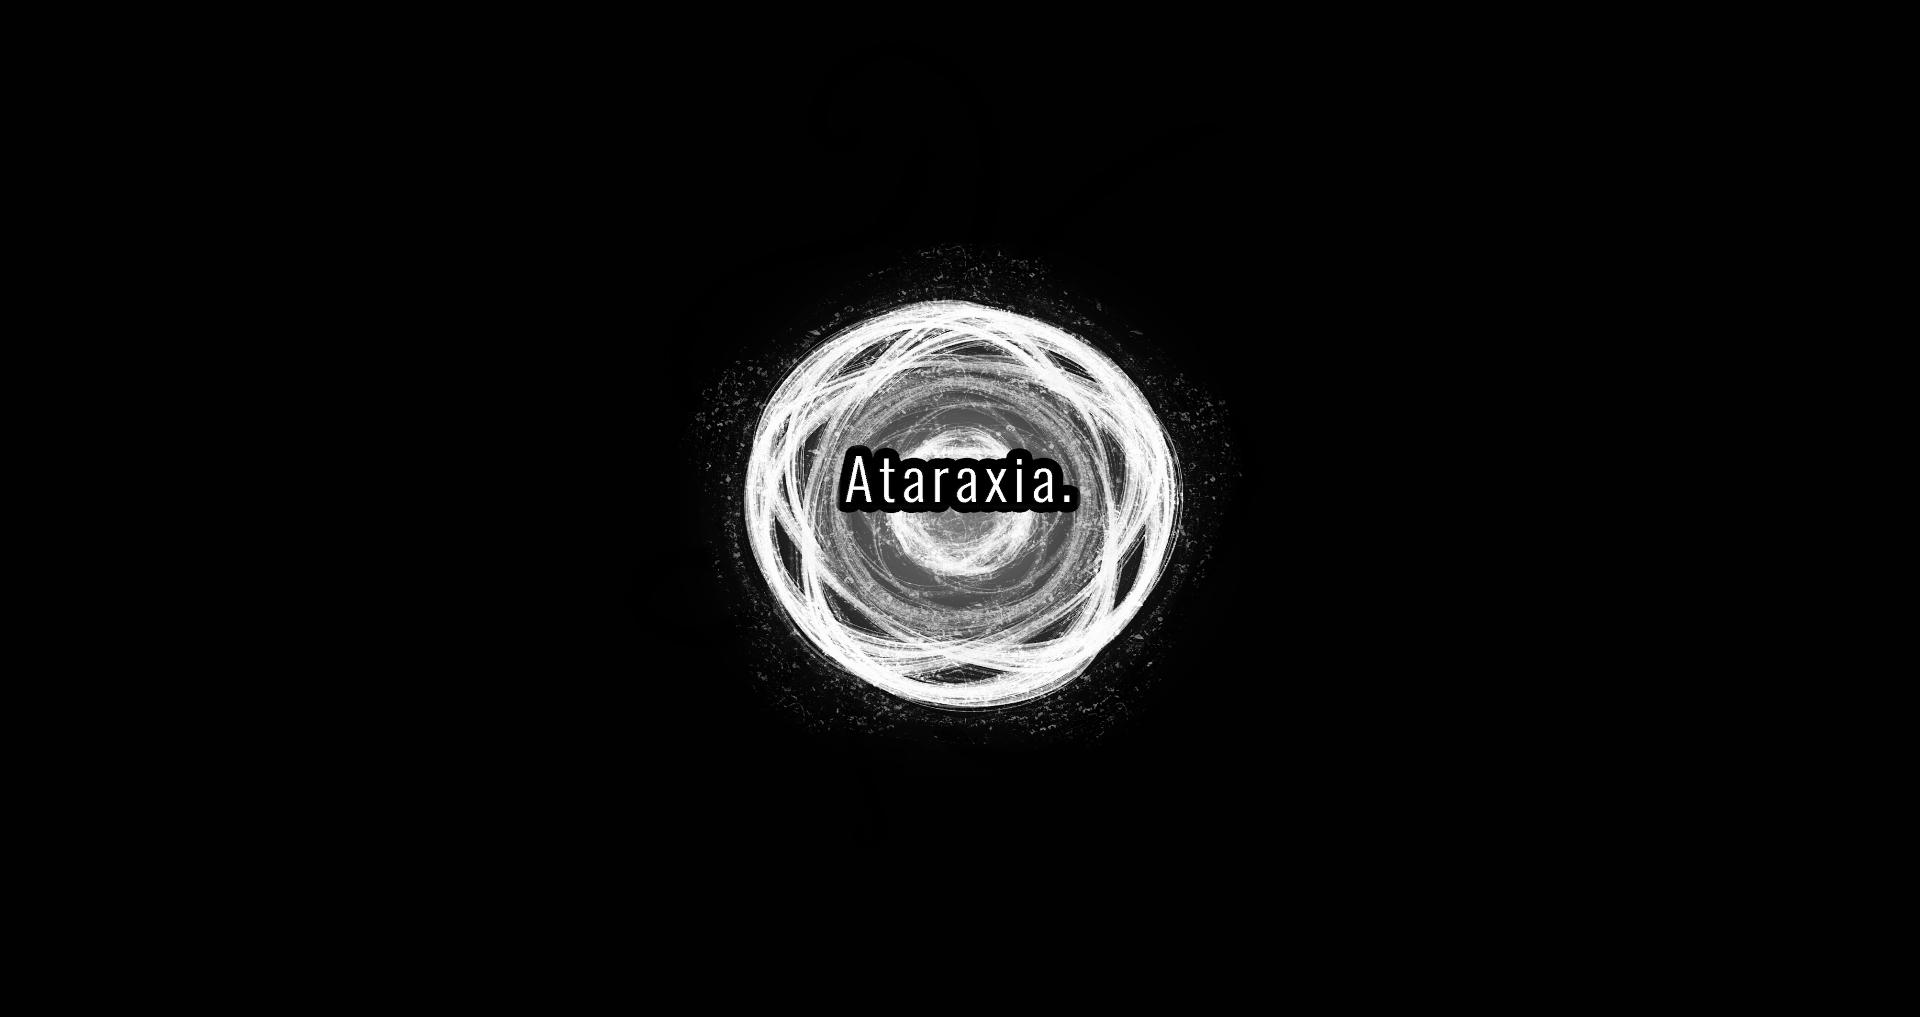 logo-ataraxy.png